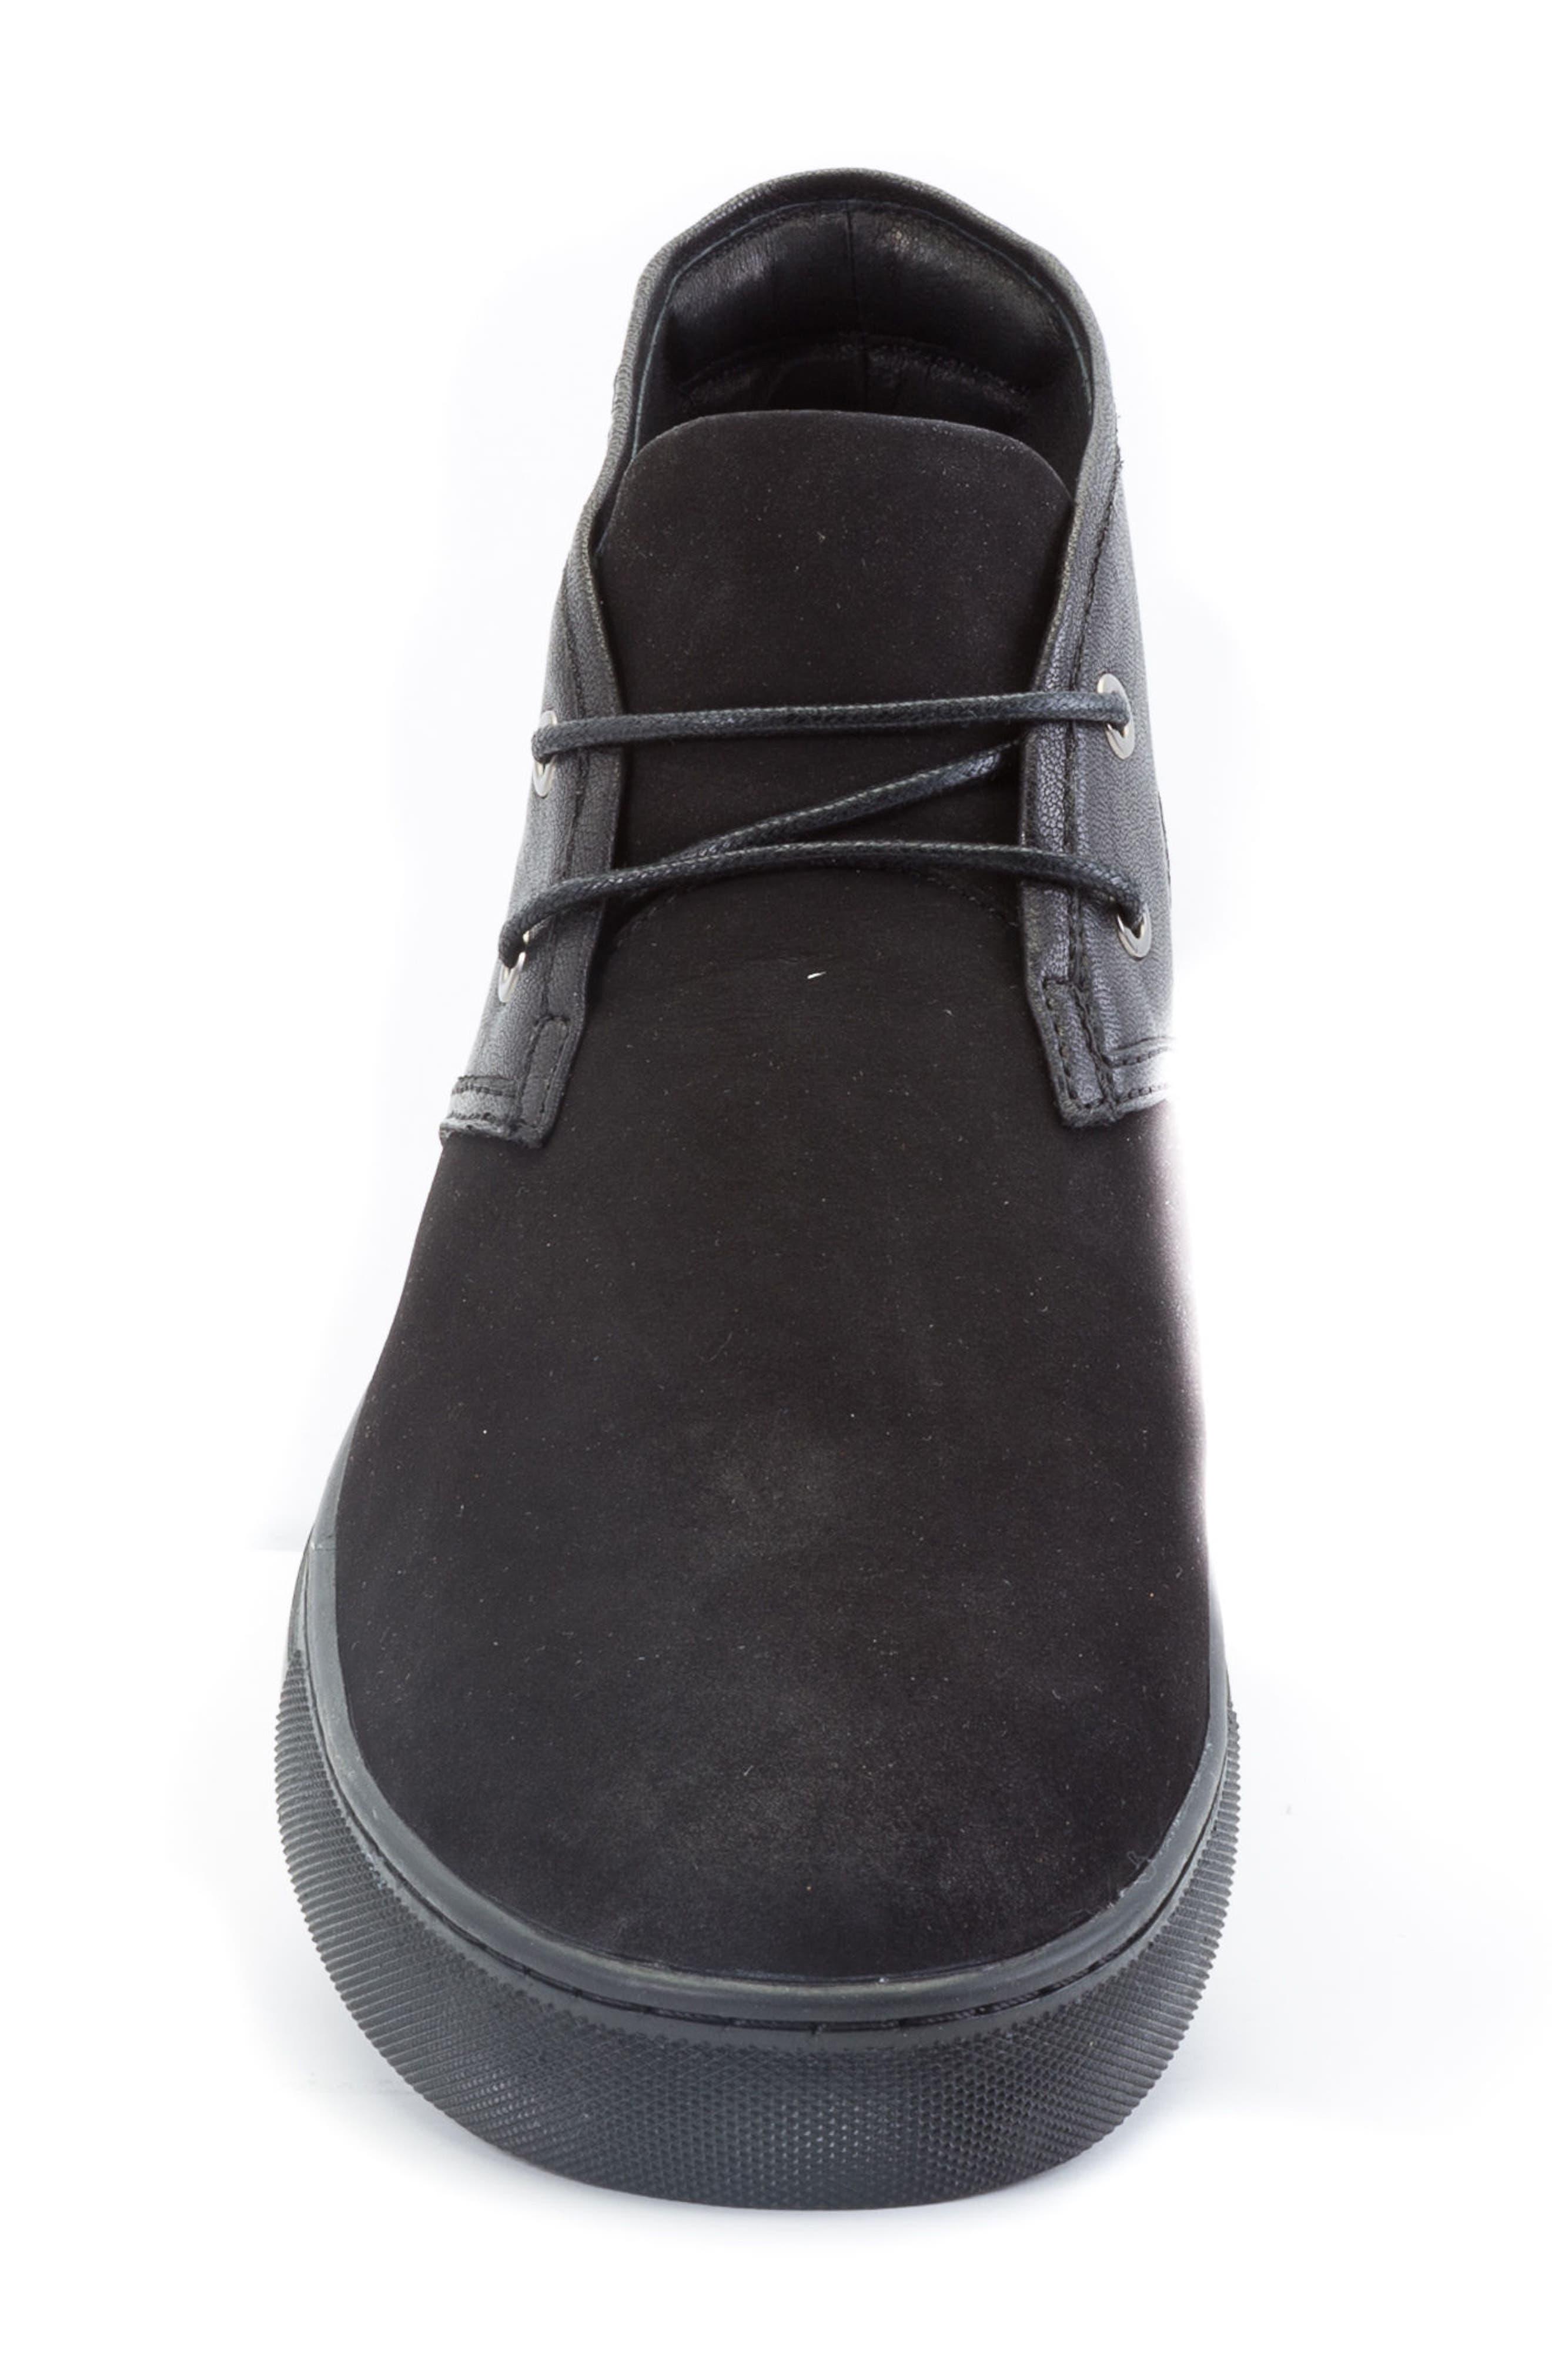 Catlett Chukka Sneaker,                             Alternate thumbnail 4, color,                             001